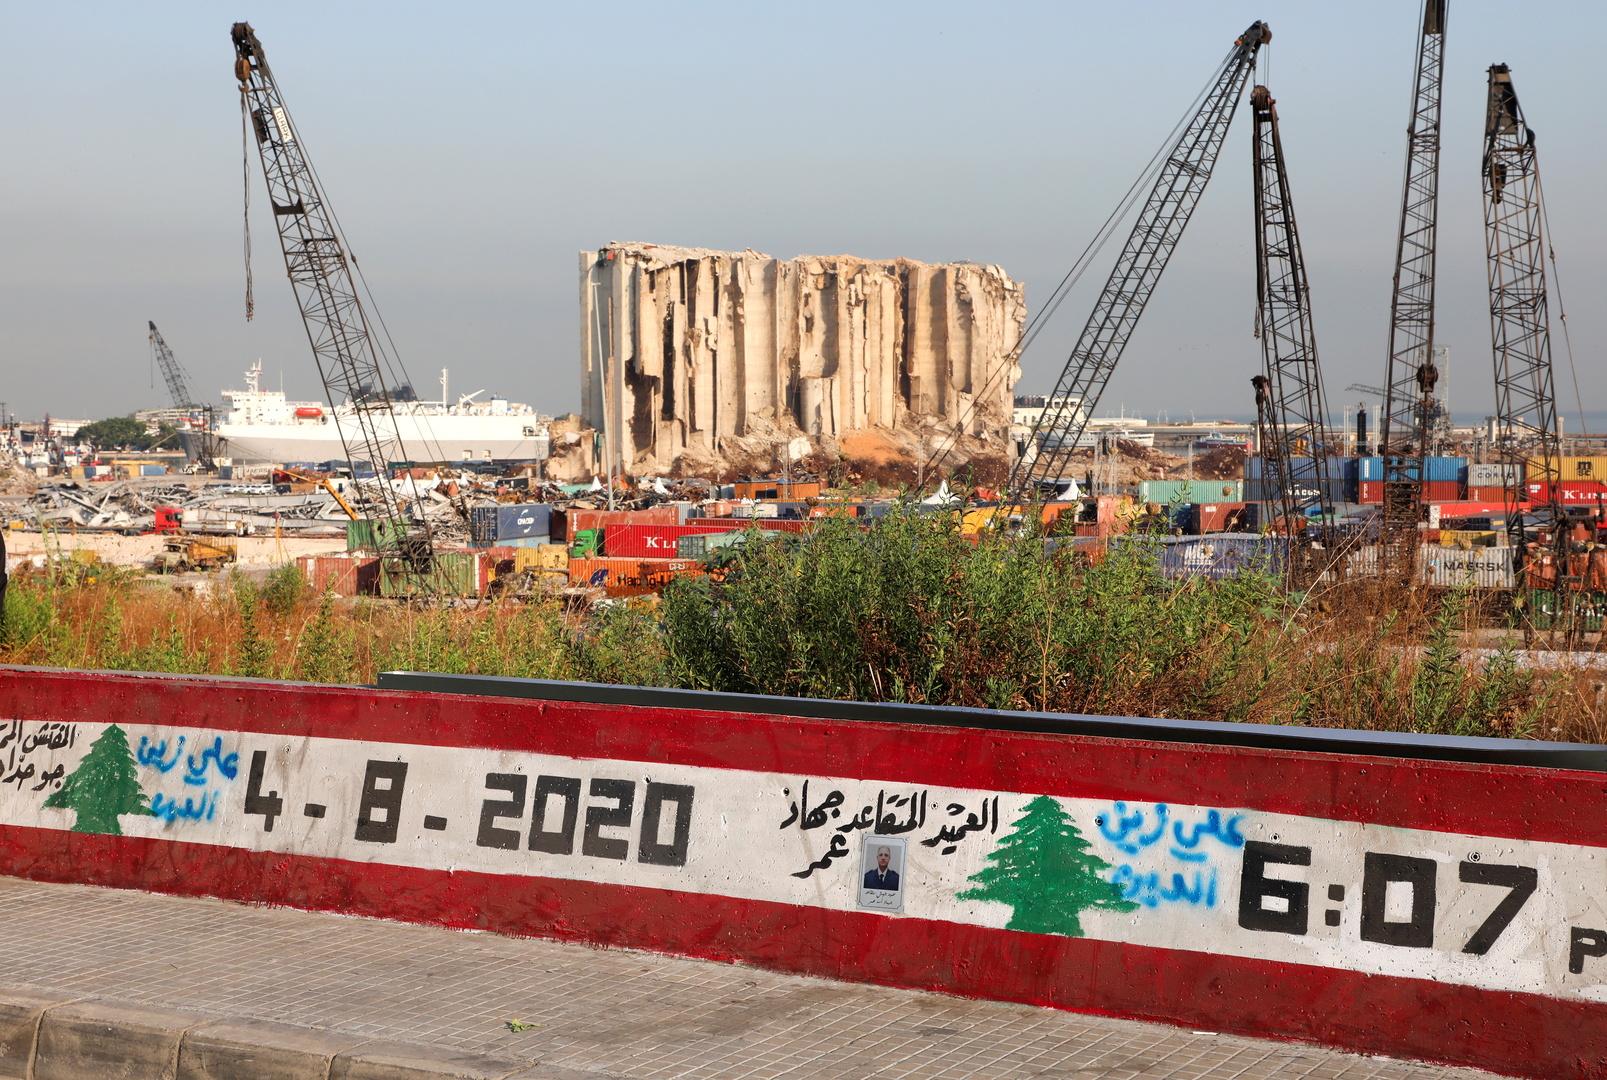 مرفأ بيروت بعد عام من التفجير، 4 أغسطس 2021